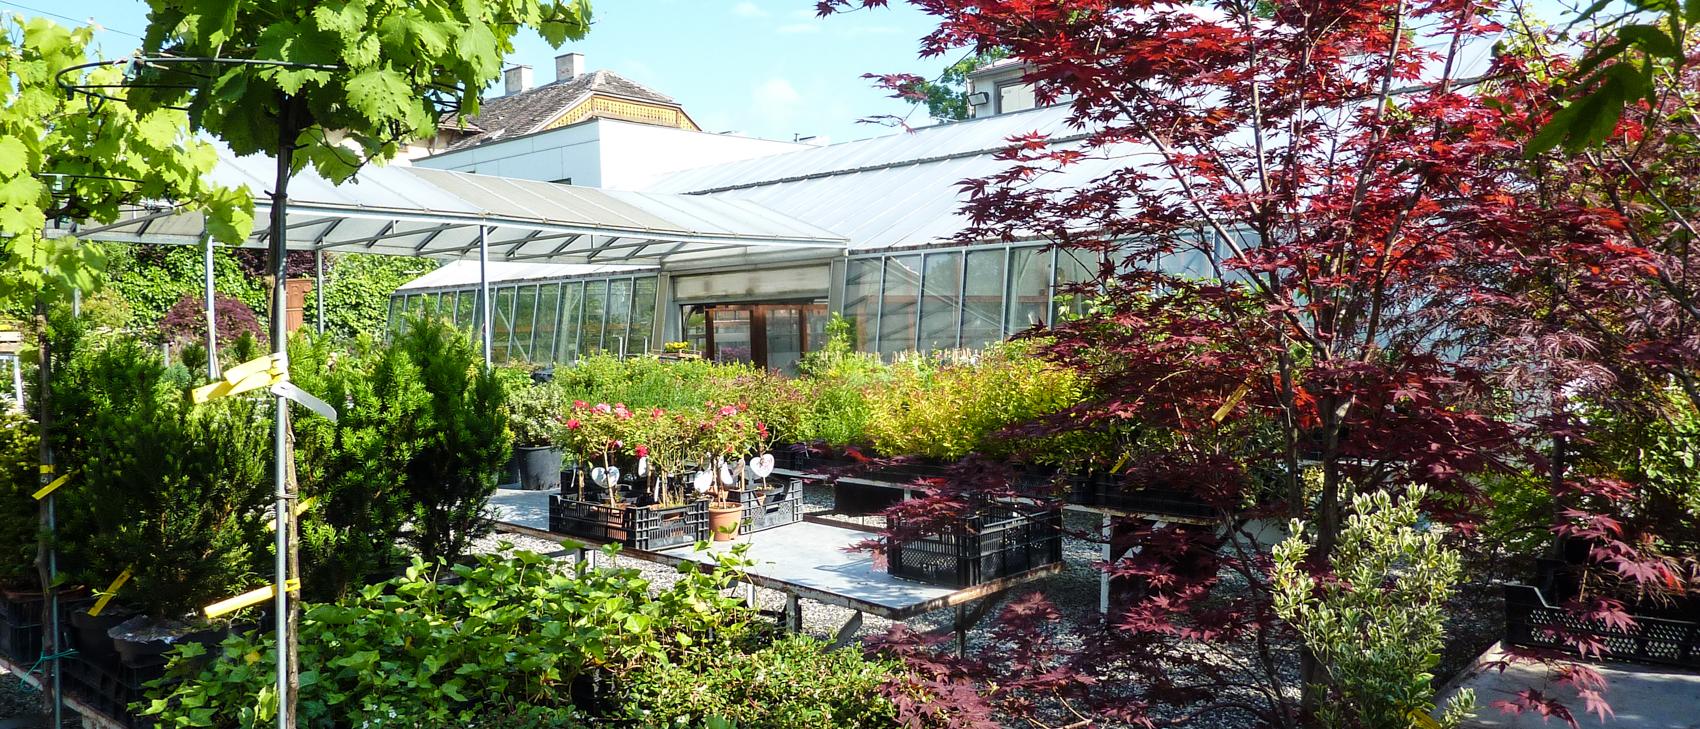 Gartengestaltung vorgarten dekorieren gestalten sch n for Gartengestaltung schatten